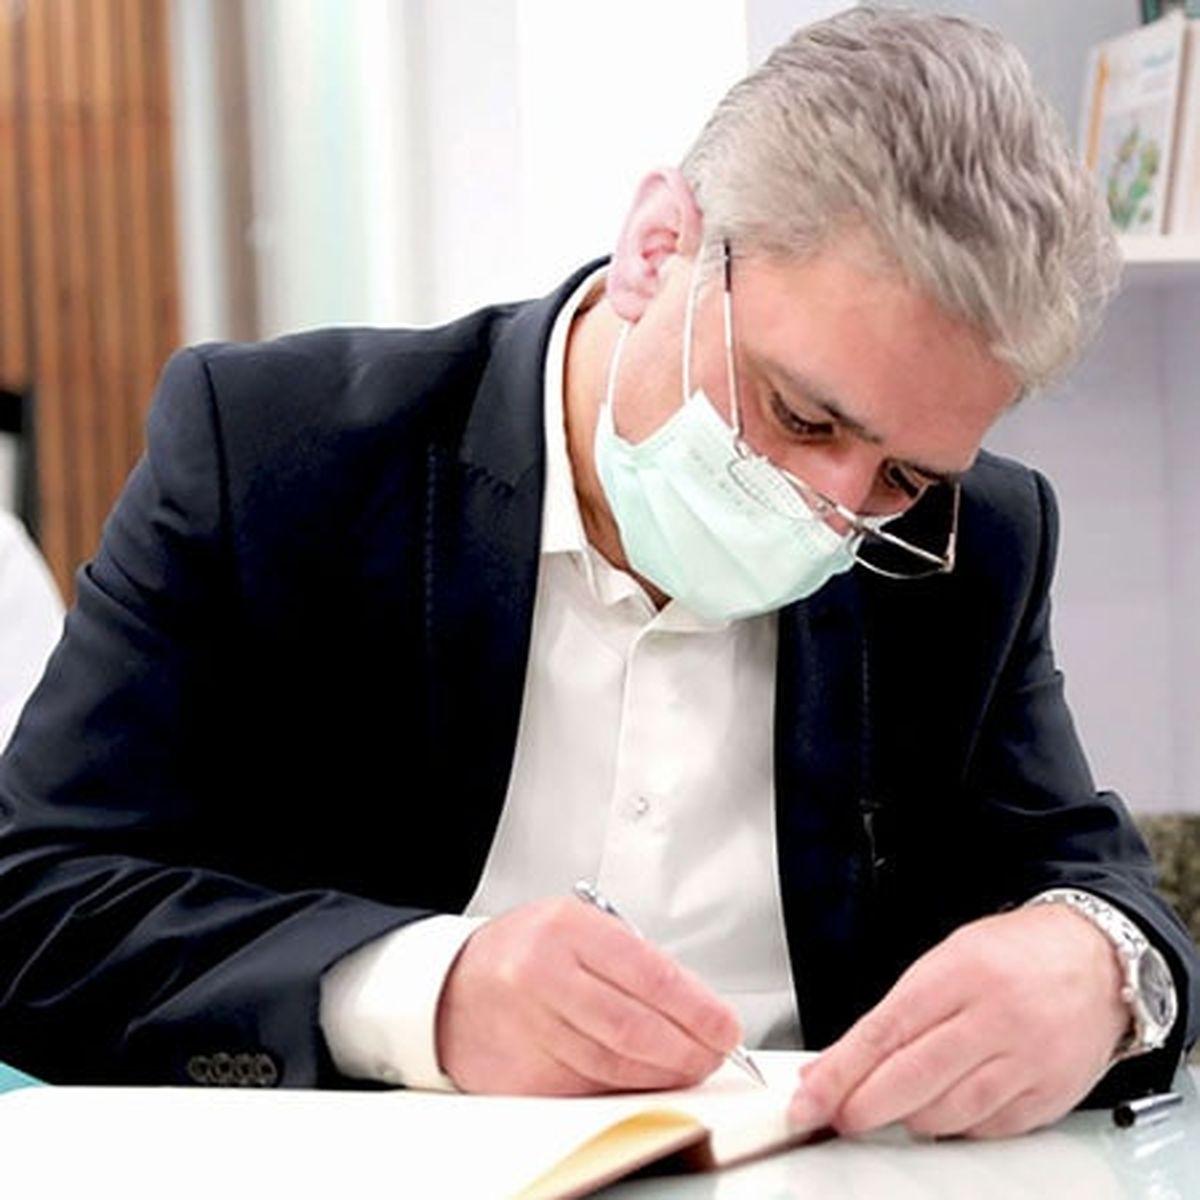 یادداشت مهم مدیر عامل بانک ملی ایران در خصوص صورت های مالی